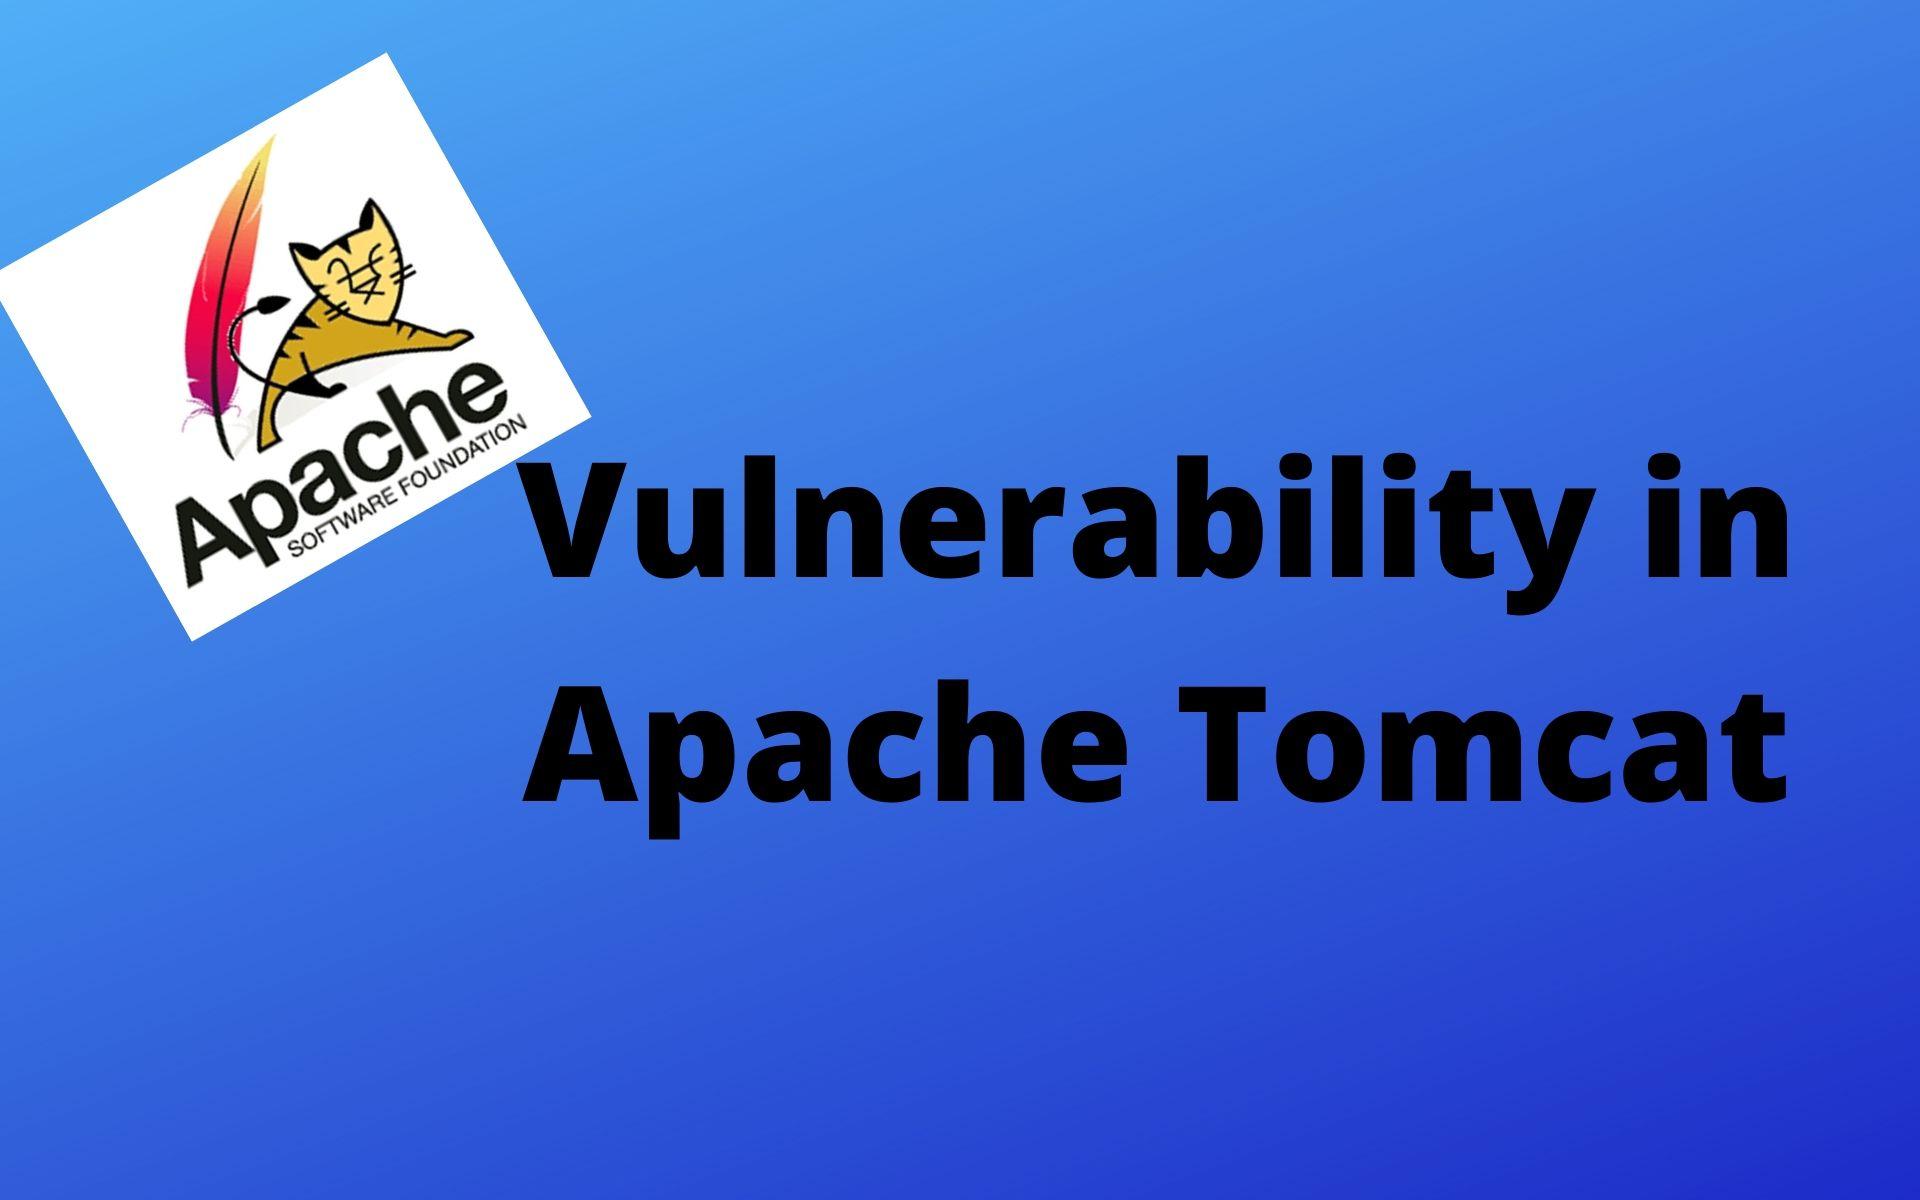 Vulnerability in Apache Tomcat